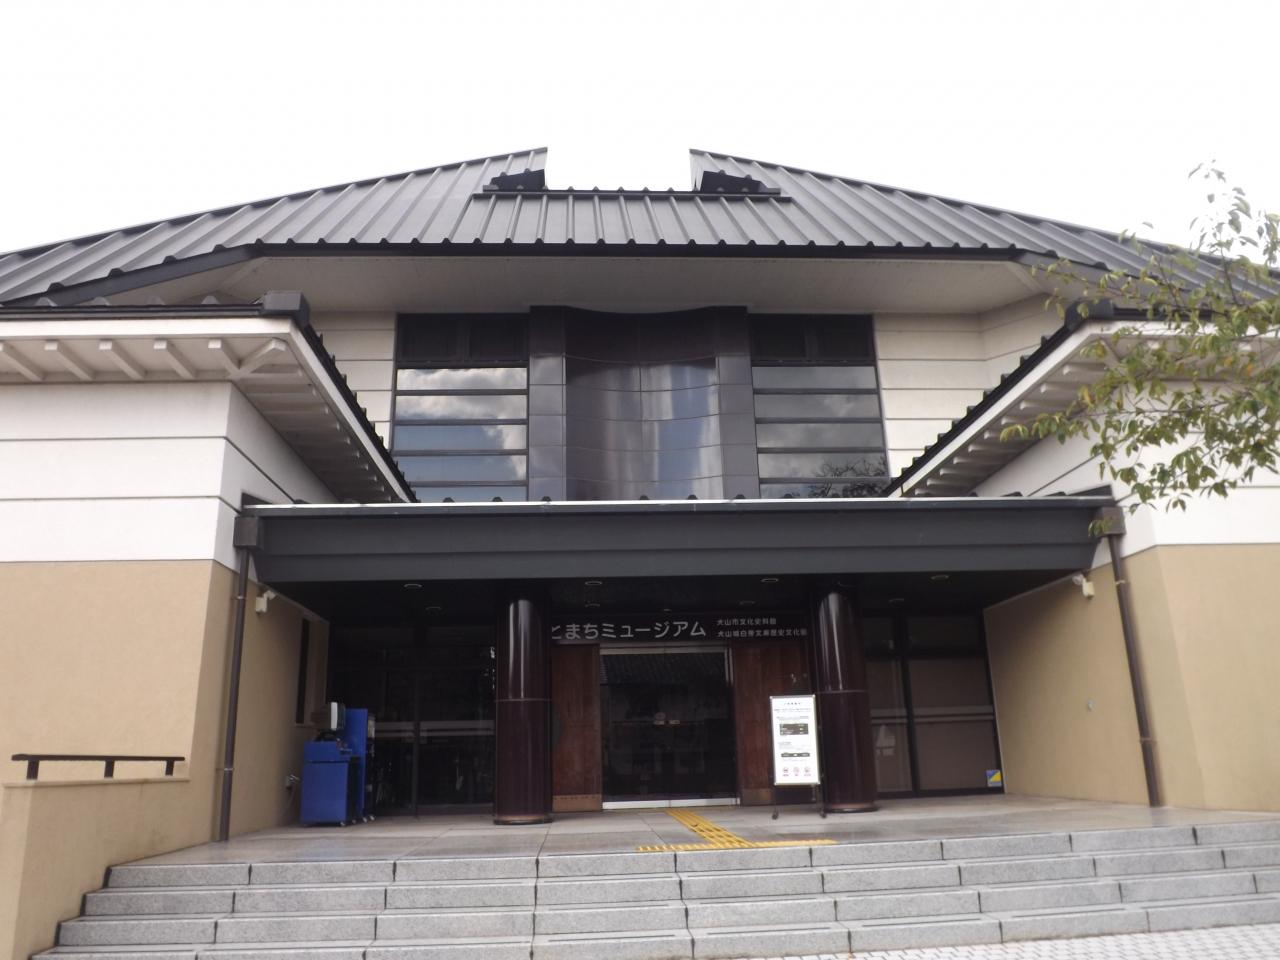 『明治村と犬山観光 (5) 犬山市文化資料館(いぬやまし ぶんか ...